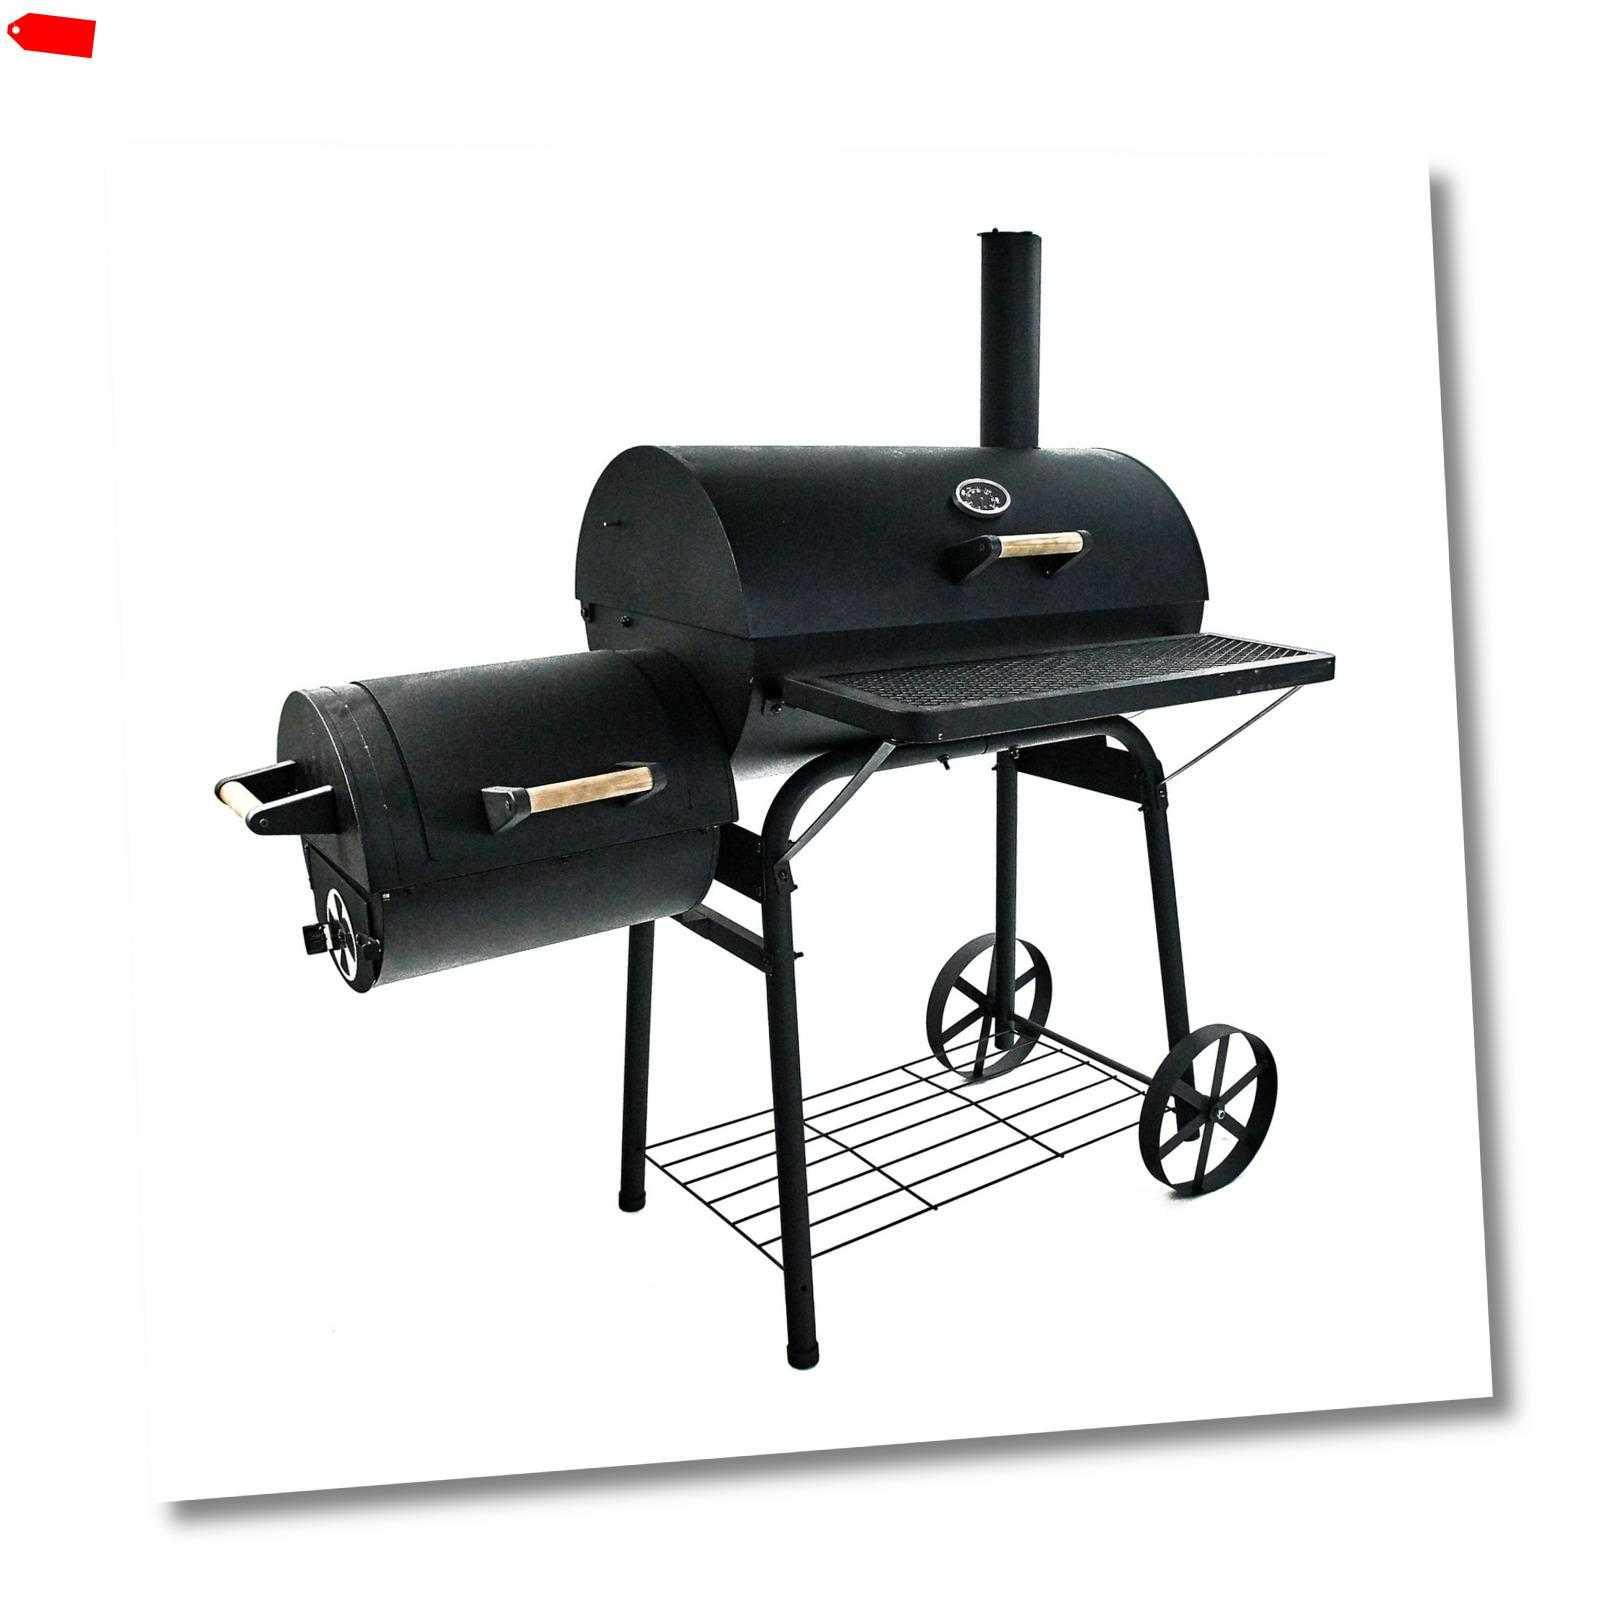 Smoker Holzkohlegrill BBQ  Grillwagen Räuchergrill Räucherofen 32 KG schwer